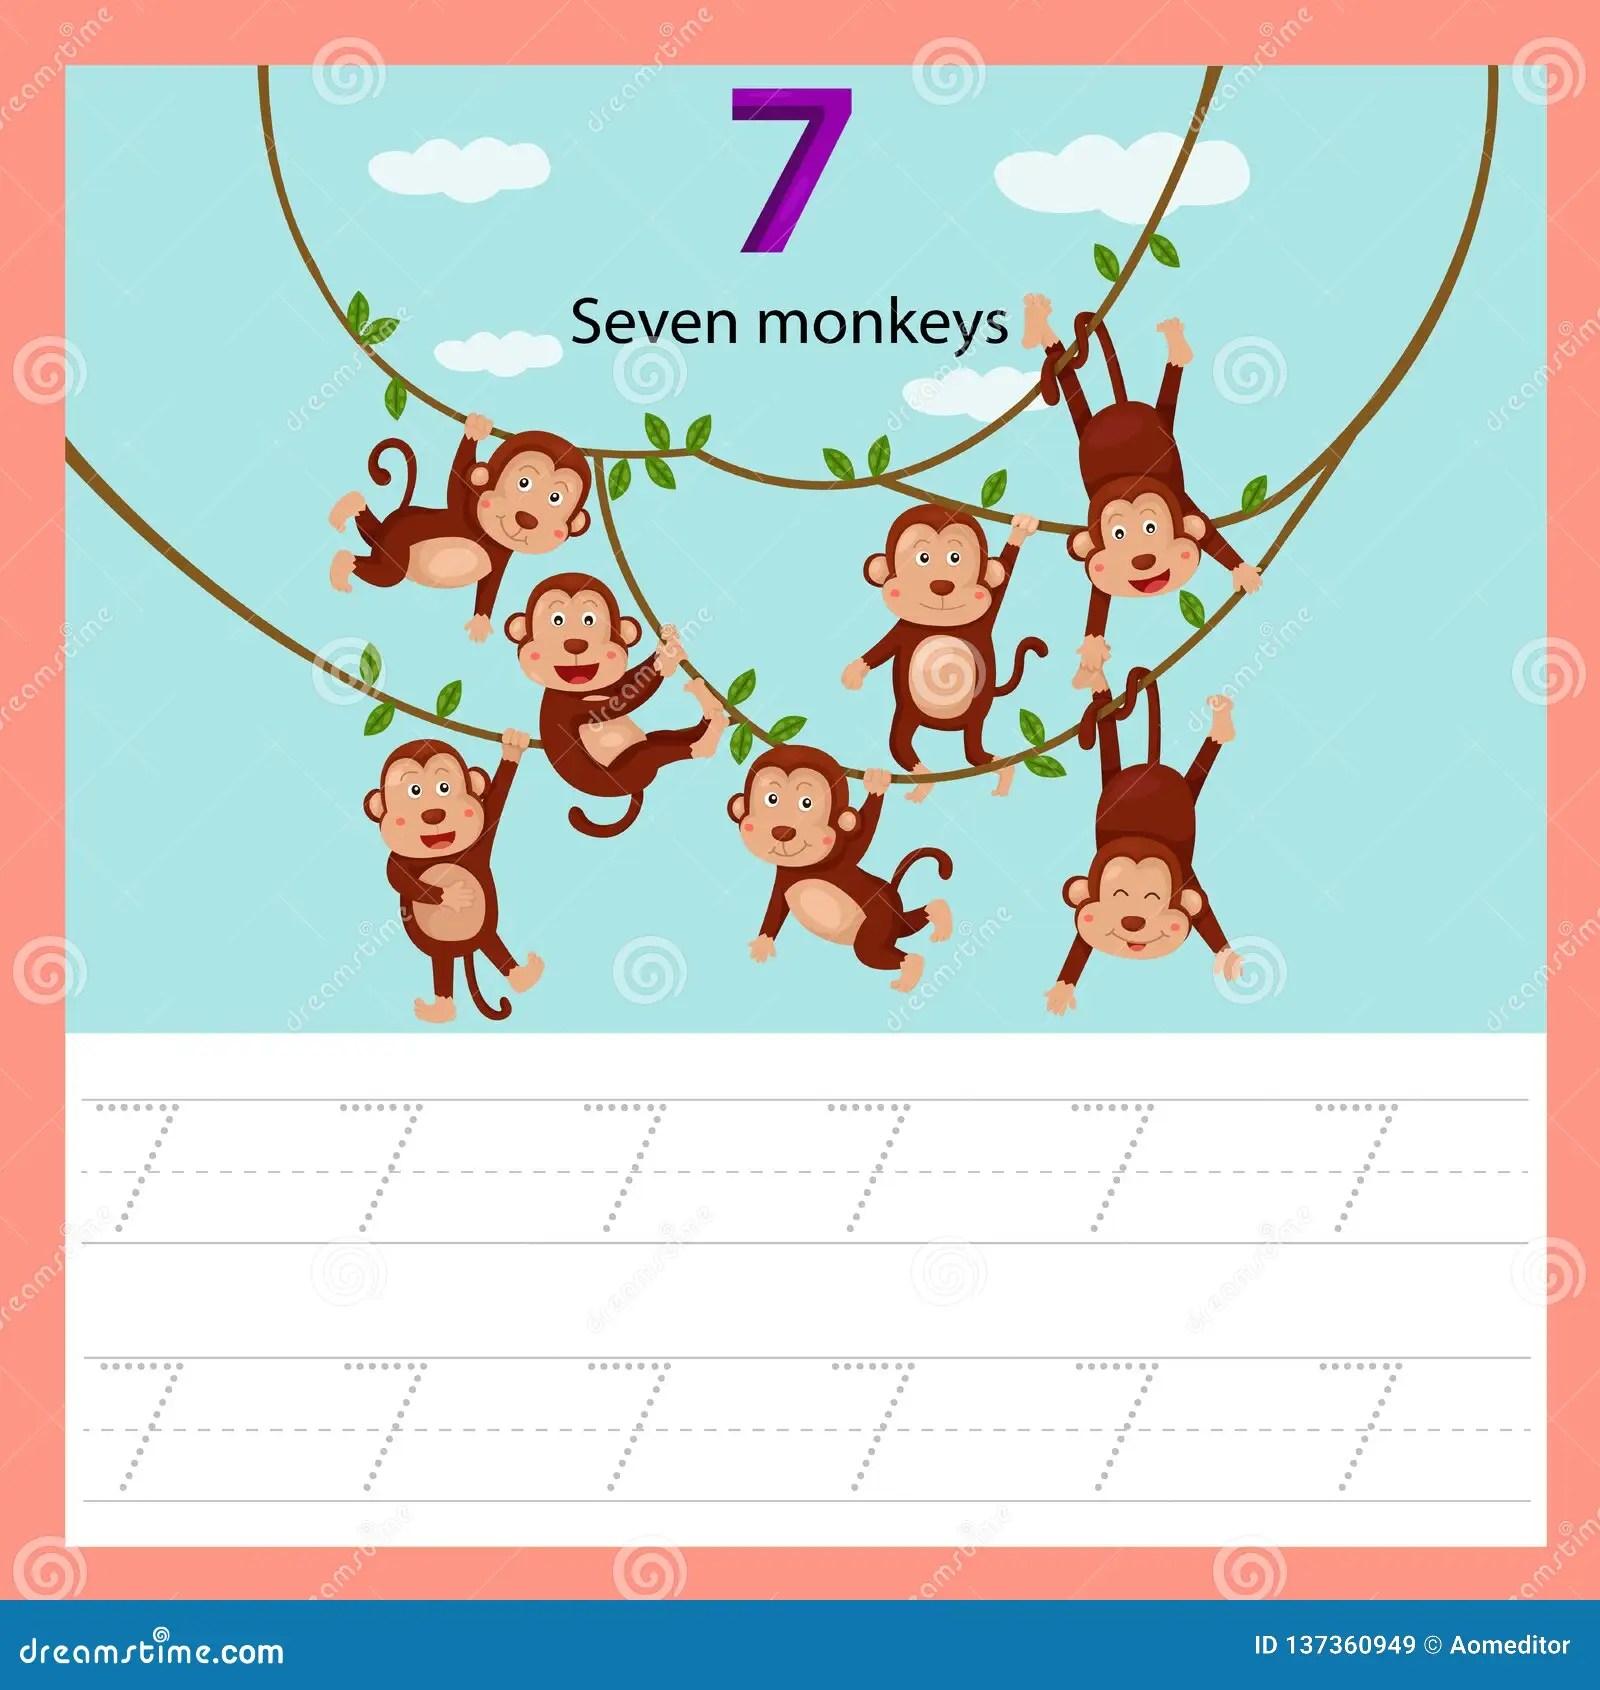 Illustrator Of Worksheet Seven Monkey Stock Vector